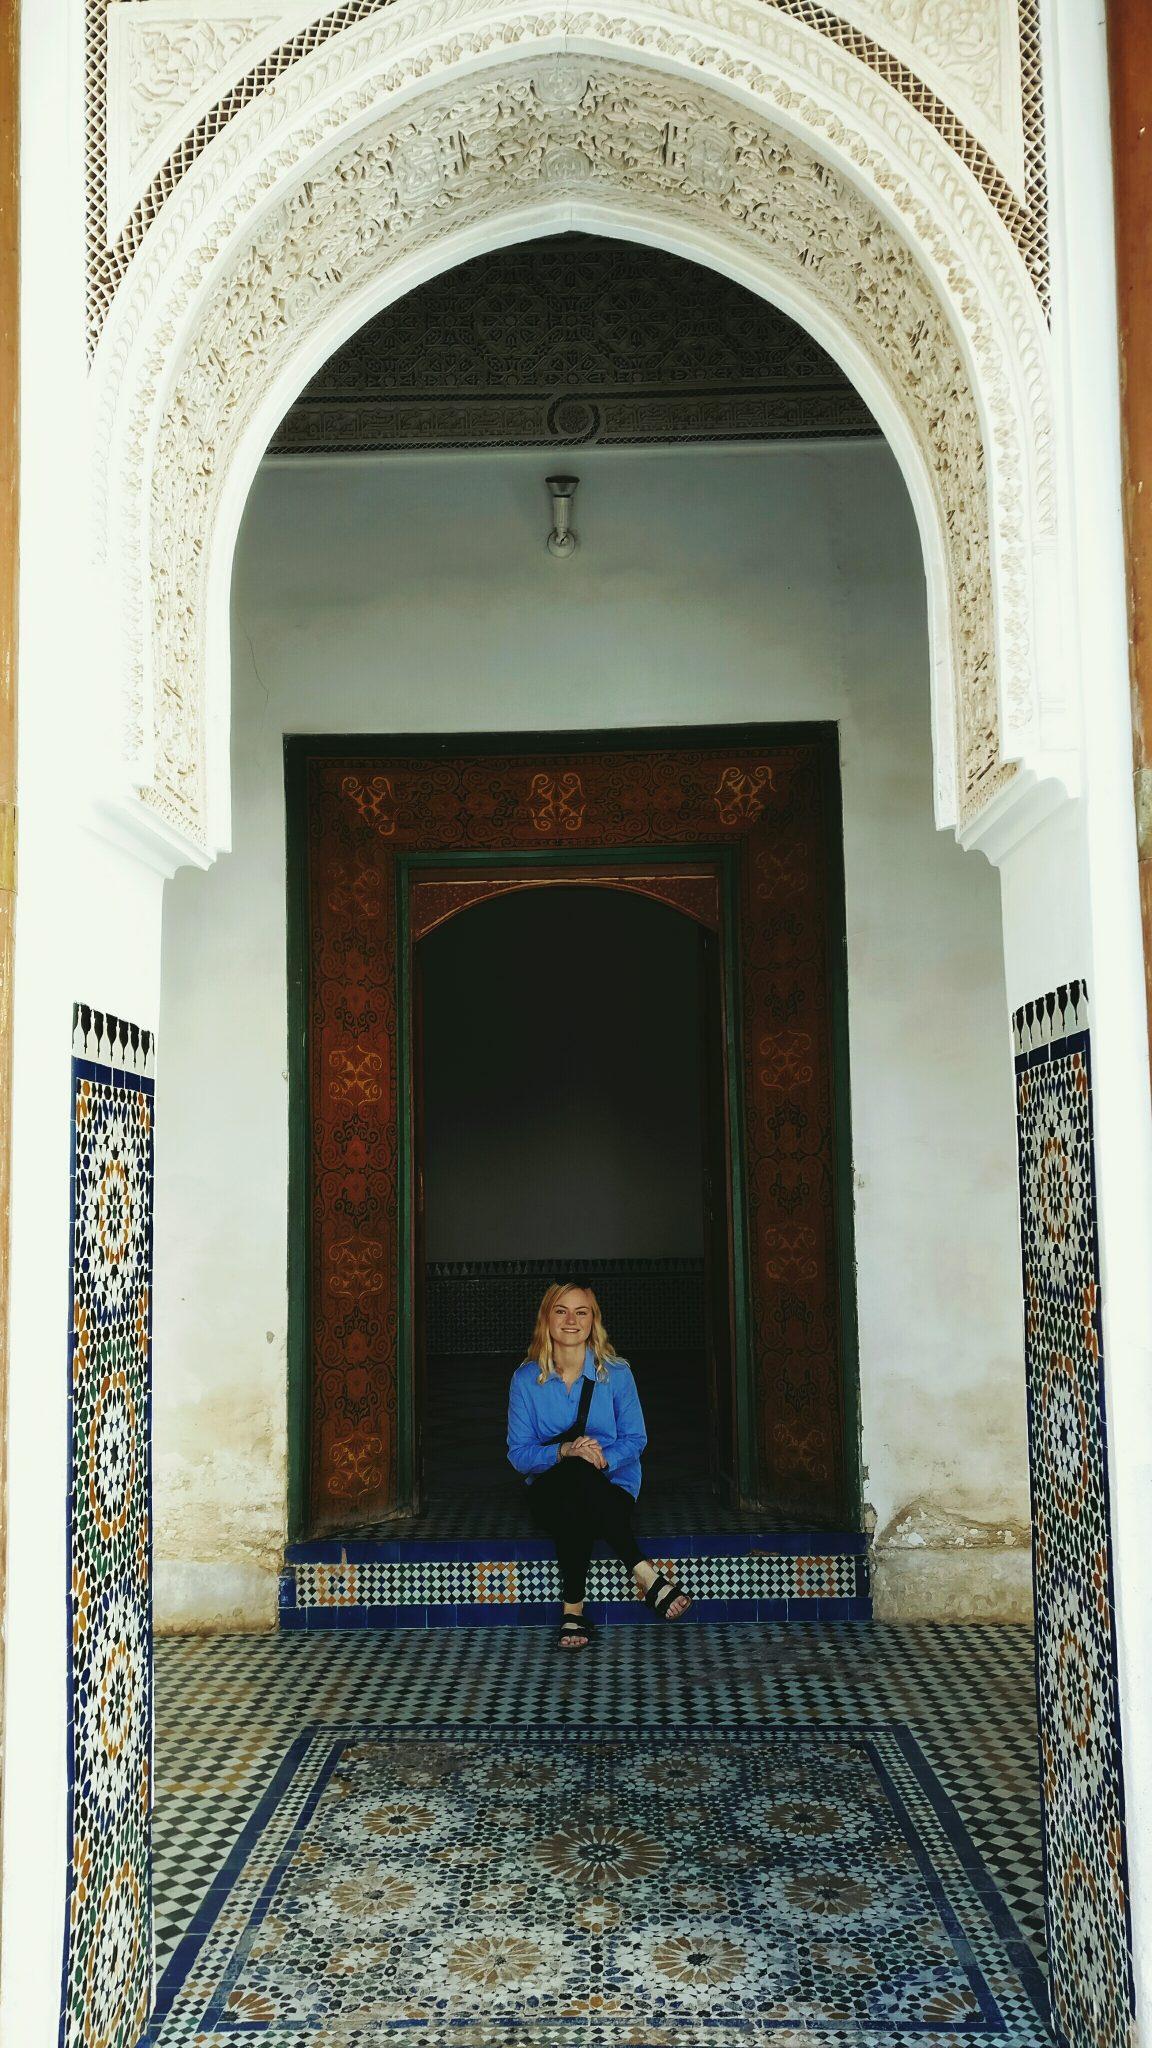 Borgin mín – Rabat